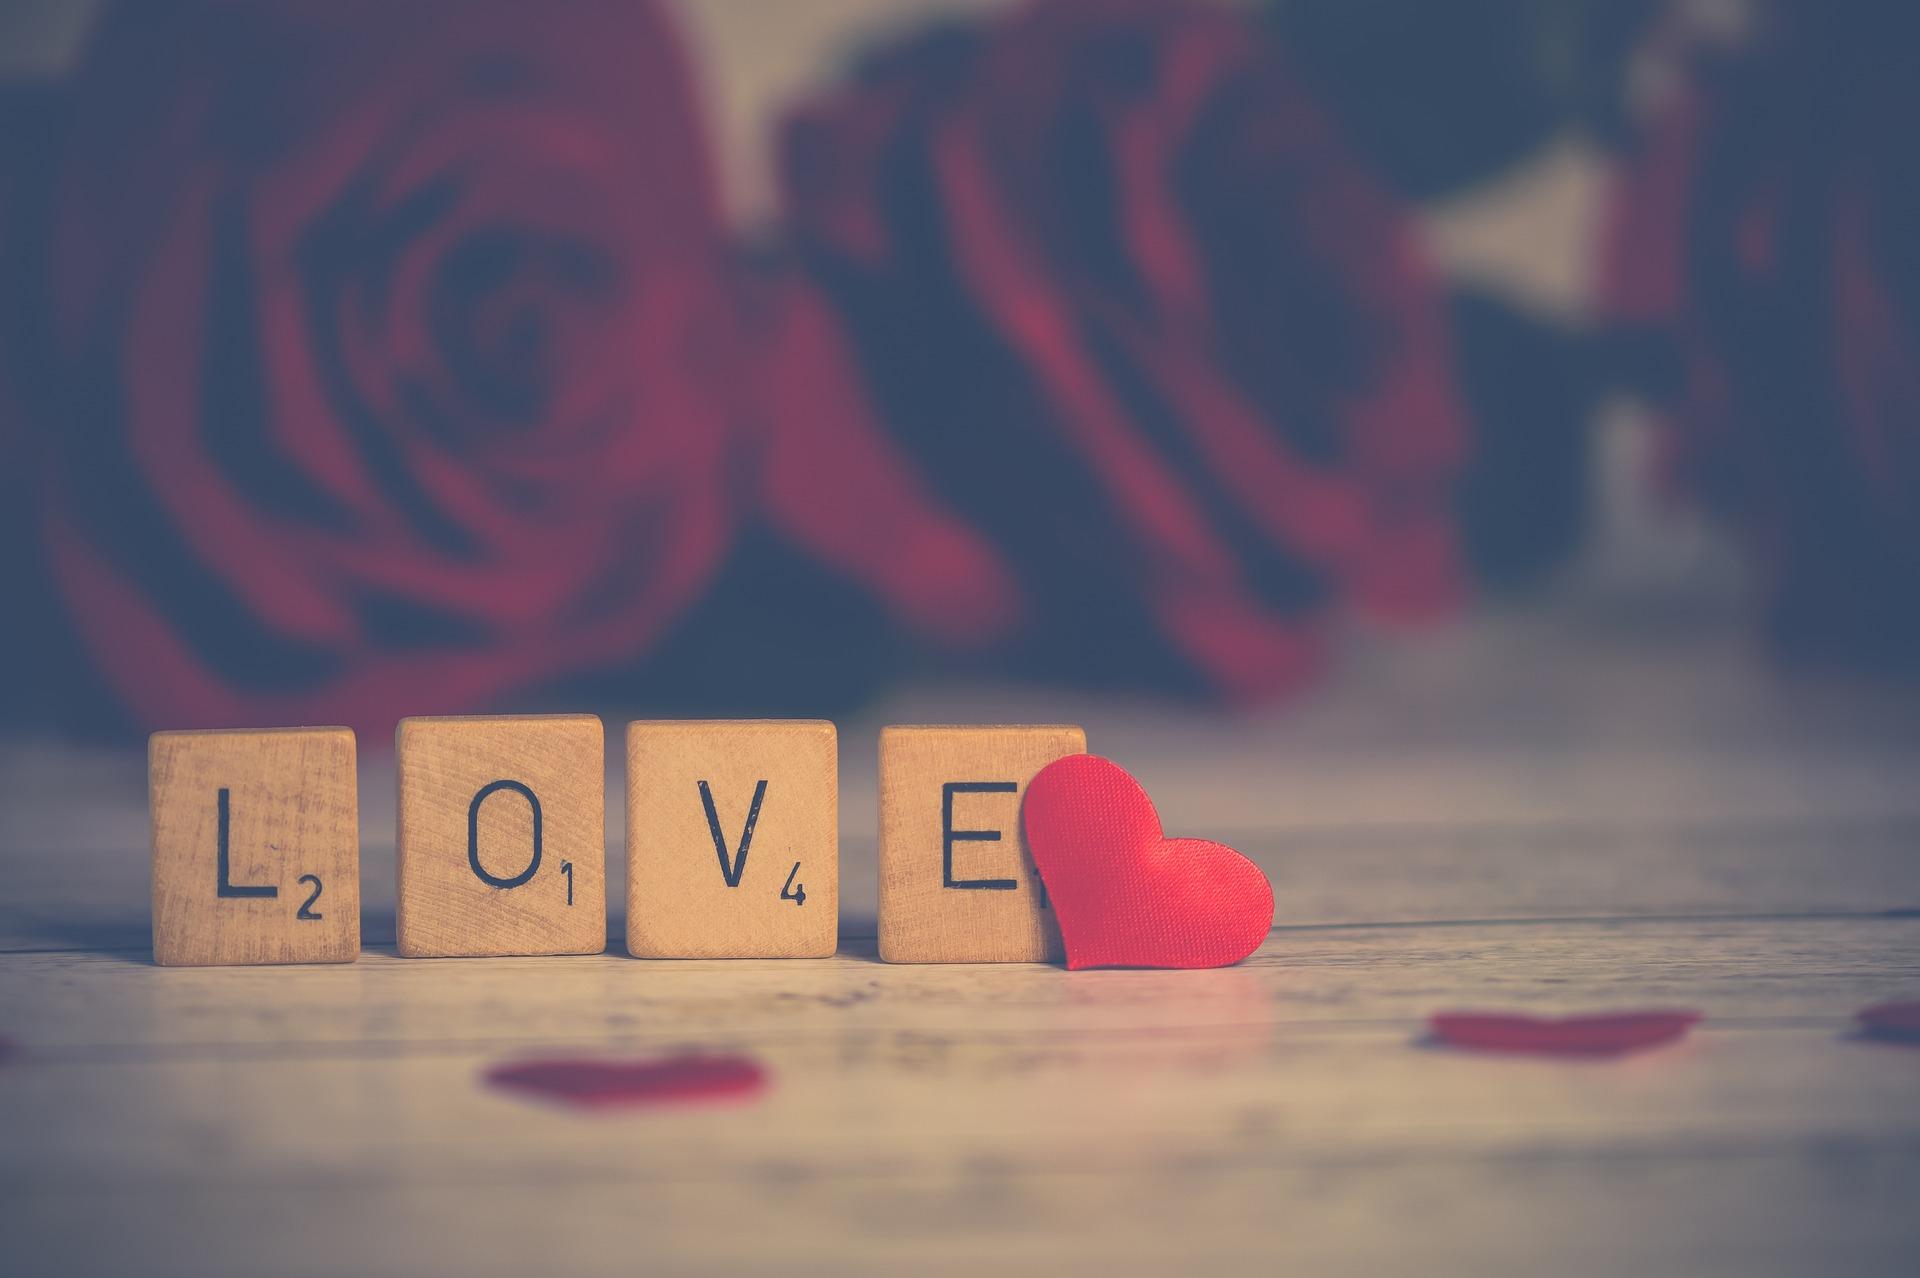 Как понять, что ты любишь человека: разбираемся в своих чувствах